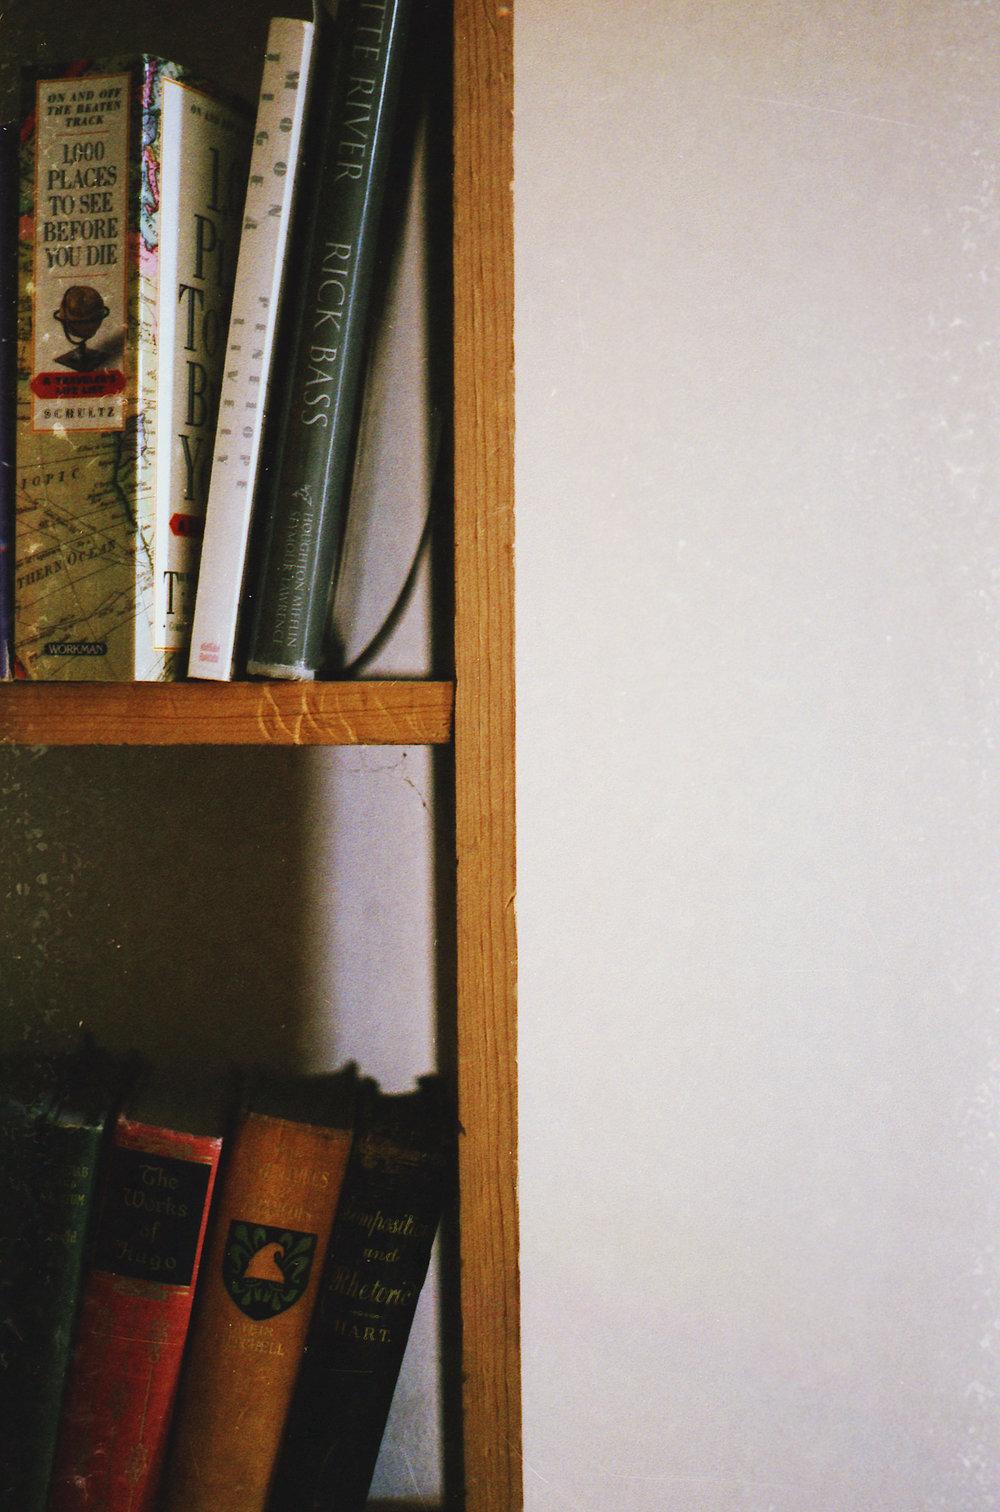 Our bookshelf (2012)